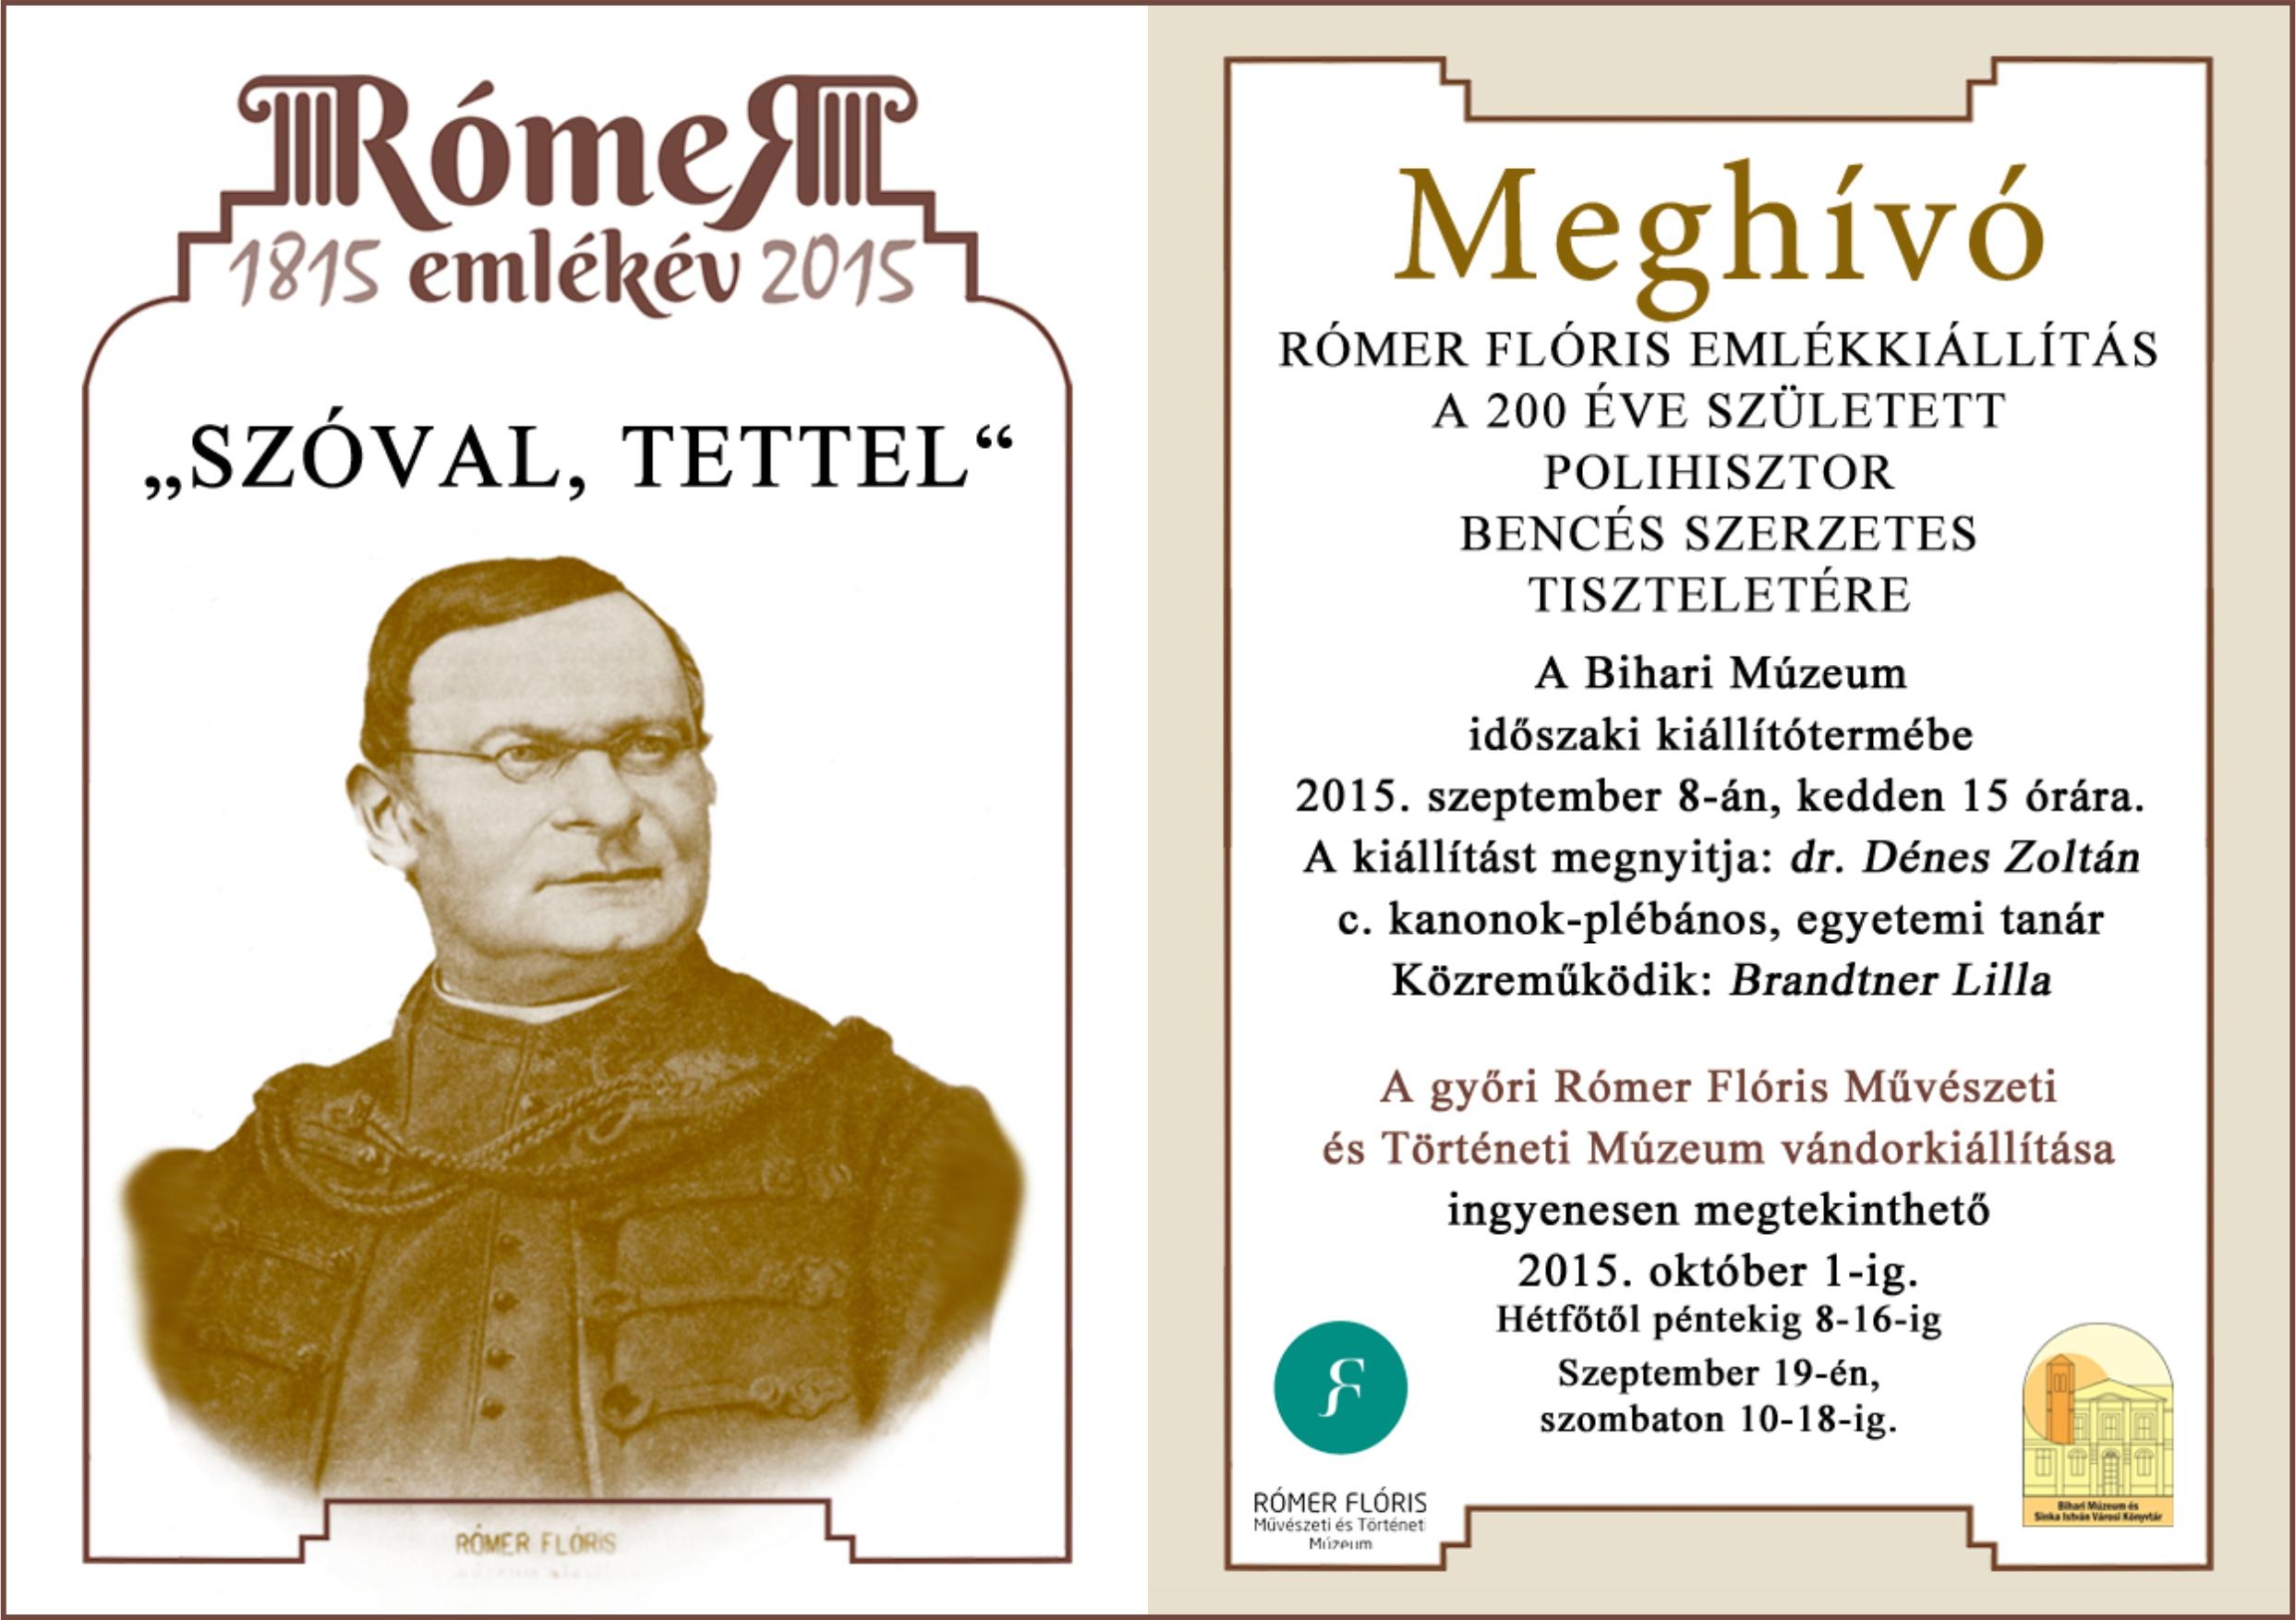 Romer Floris  emlekiallitas Berettyoujfaluban